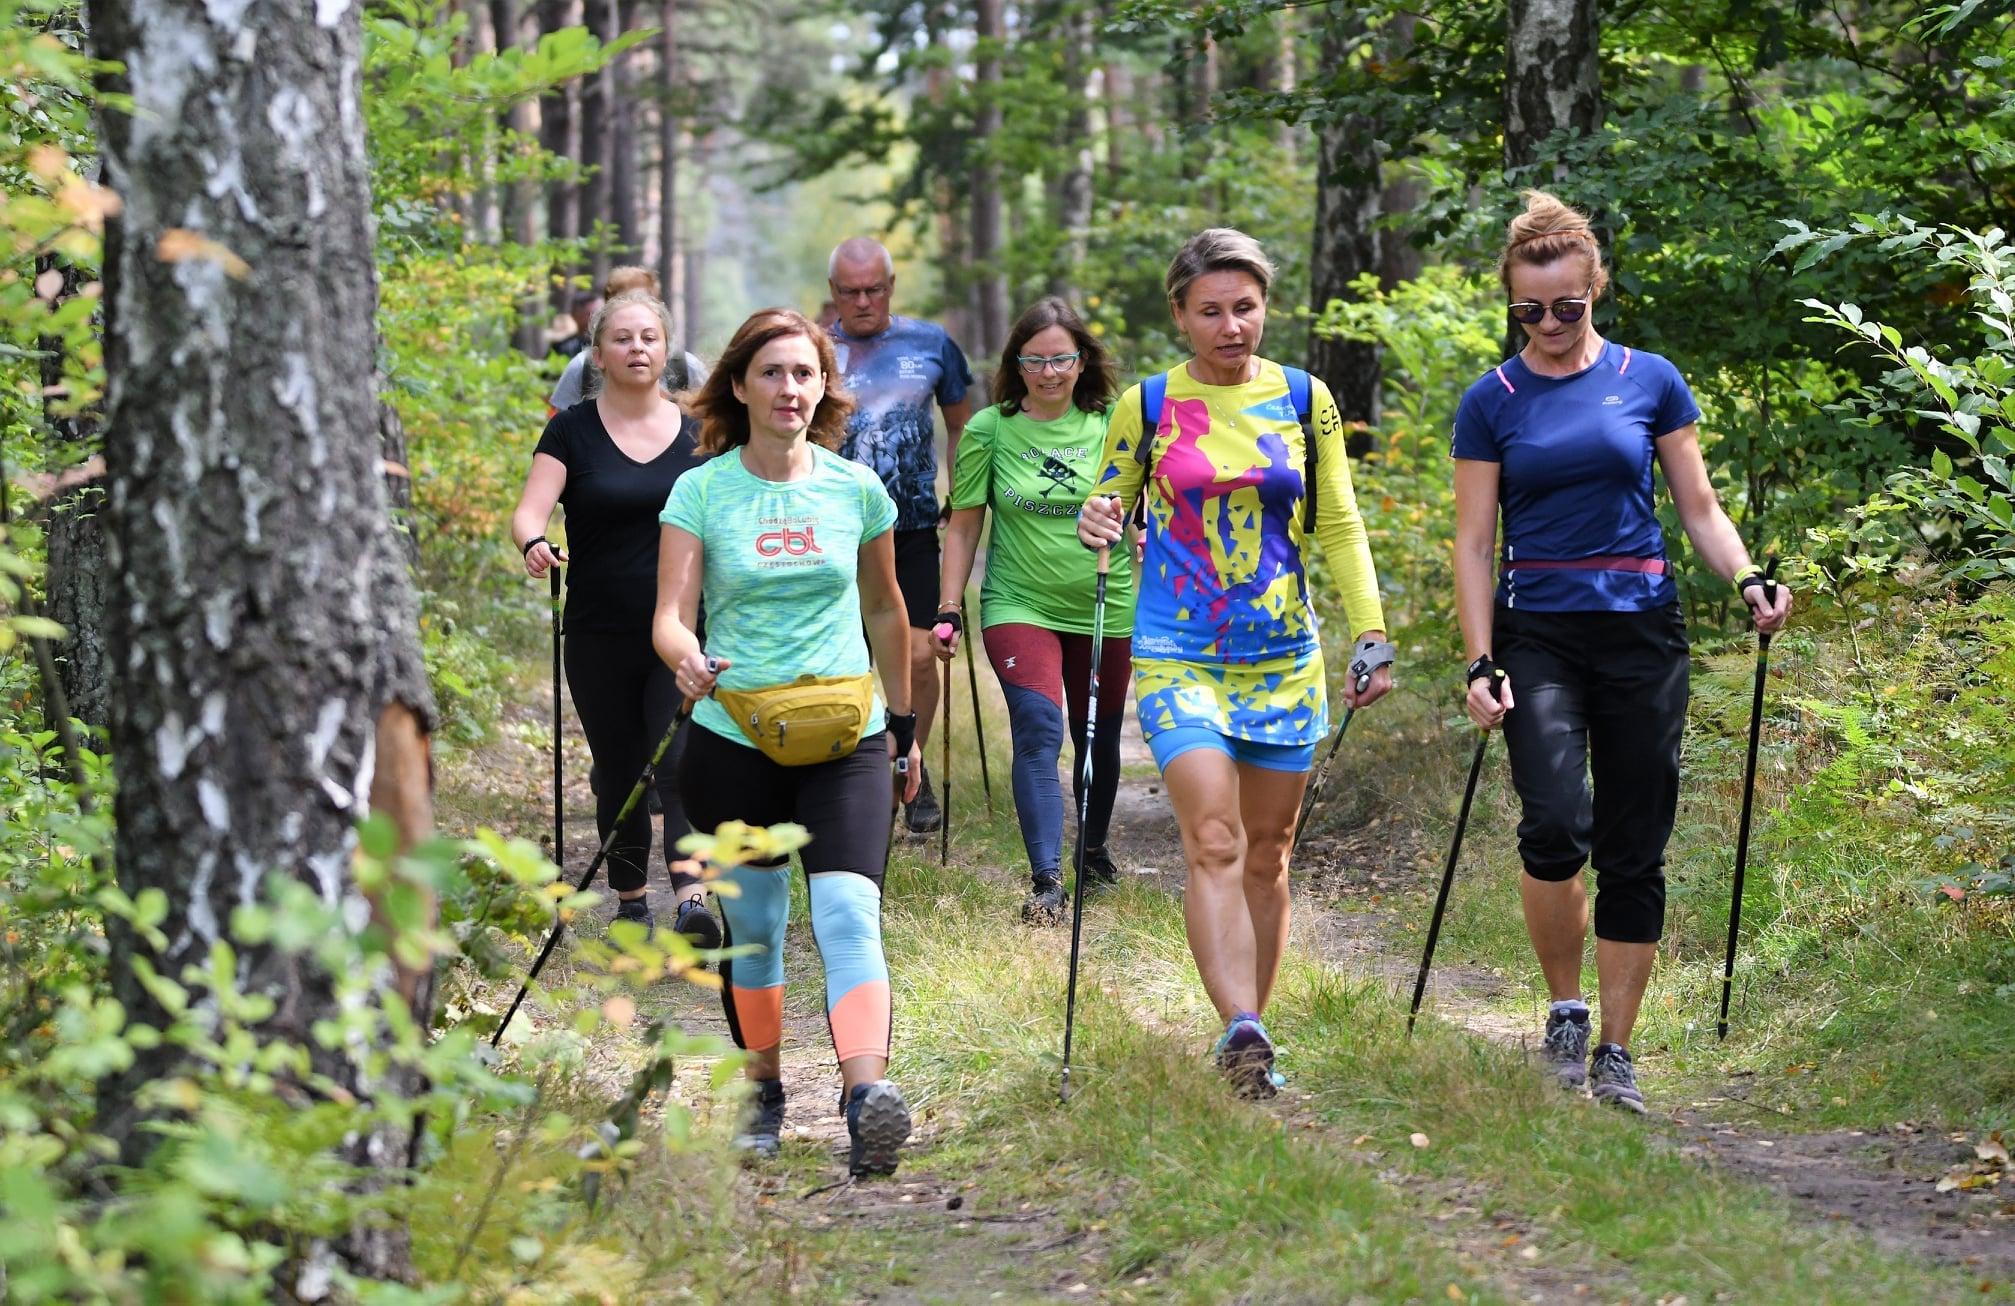 Wspólny spacer, zabawa i ognisko. Fani Nordic Walking na ogólnopolskim treningu w Bełchatowie [FOTO] - Zdjęcie główne